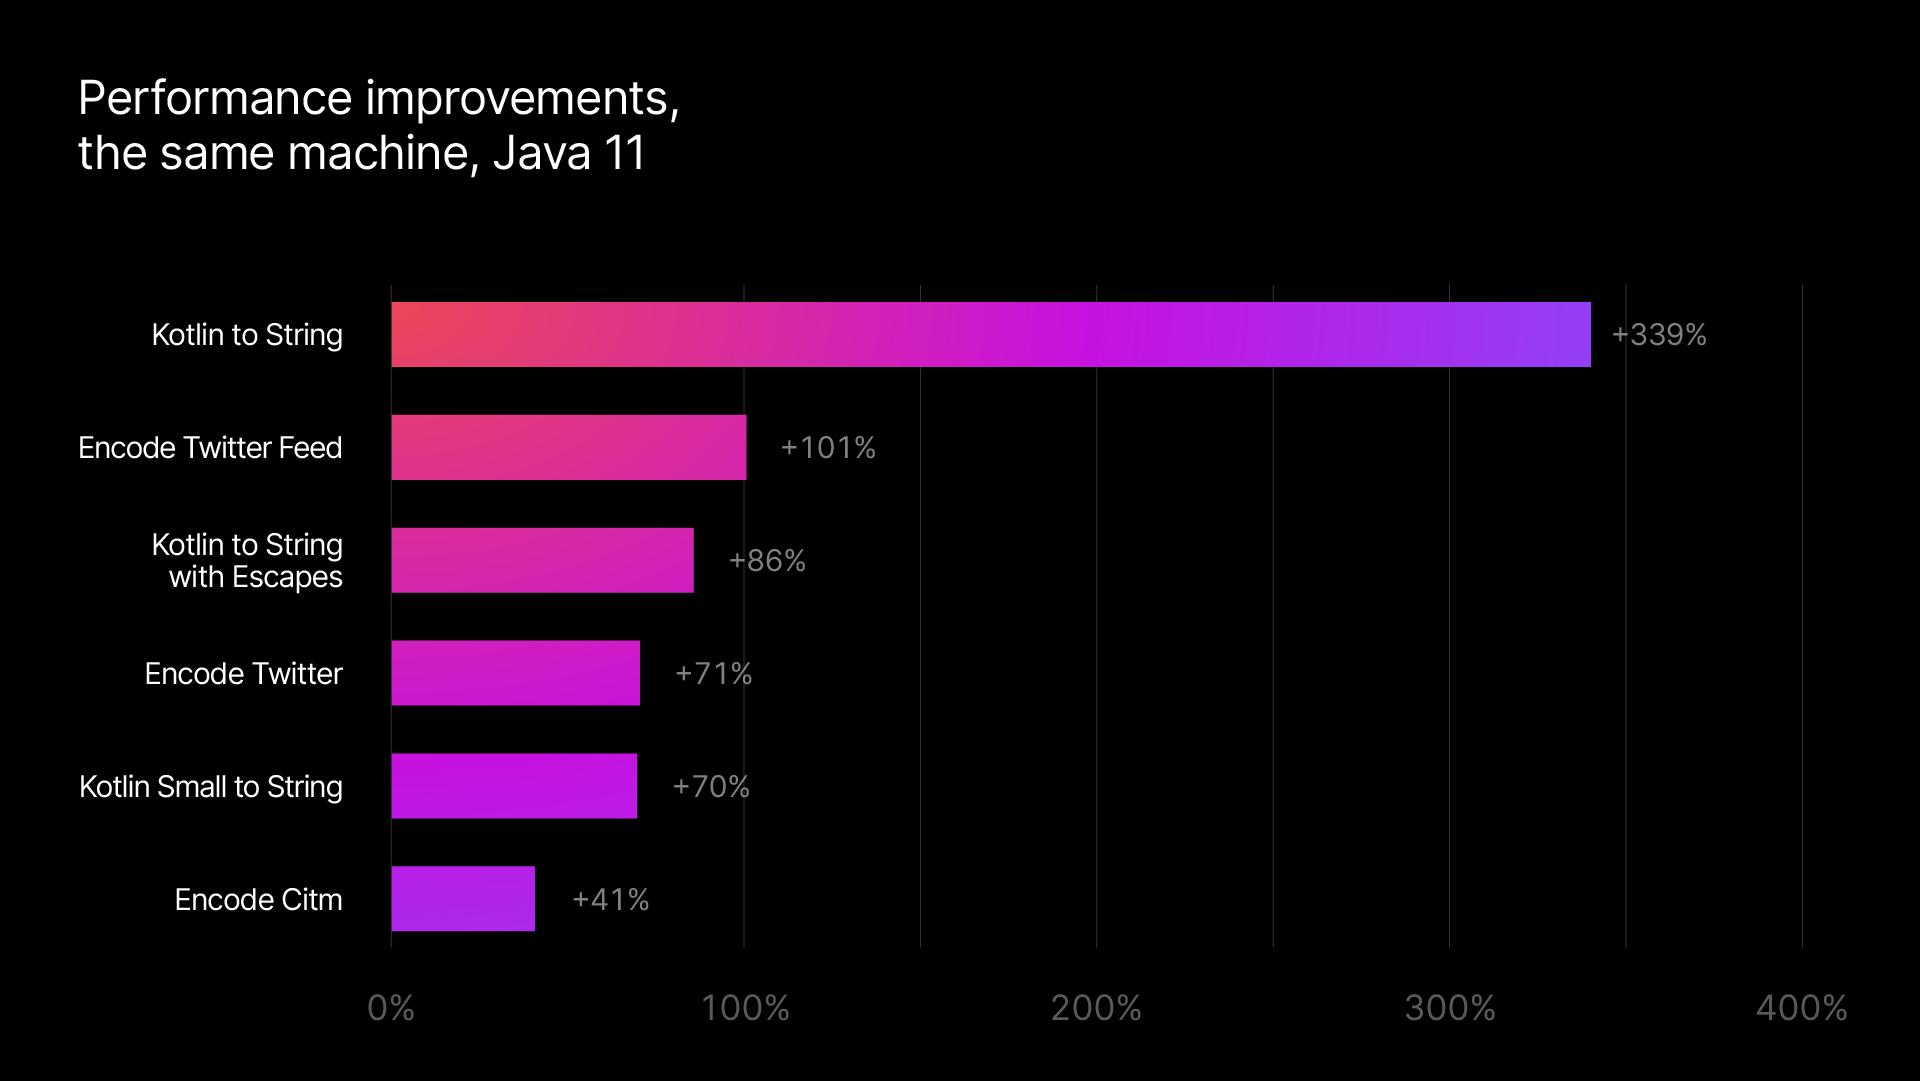 kotlinx.serialization を使った JSON のエンコード: 最高で 339% もスピードアップ